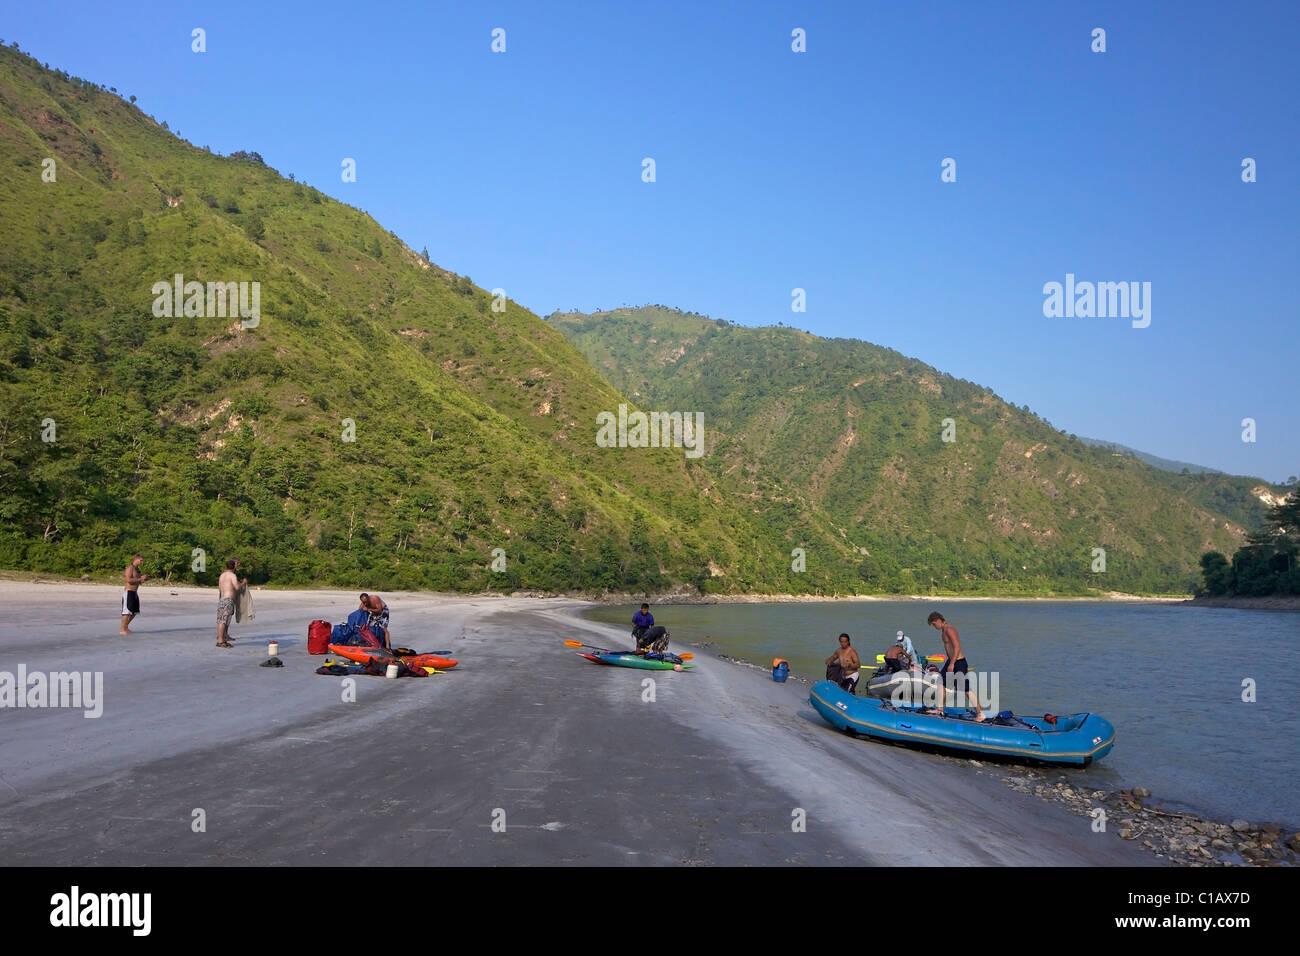 Viaje de rafting en el río Sun Kosi, Nepal, Asia Imagen De Stock